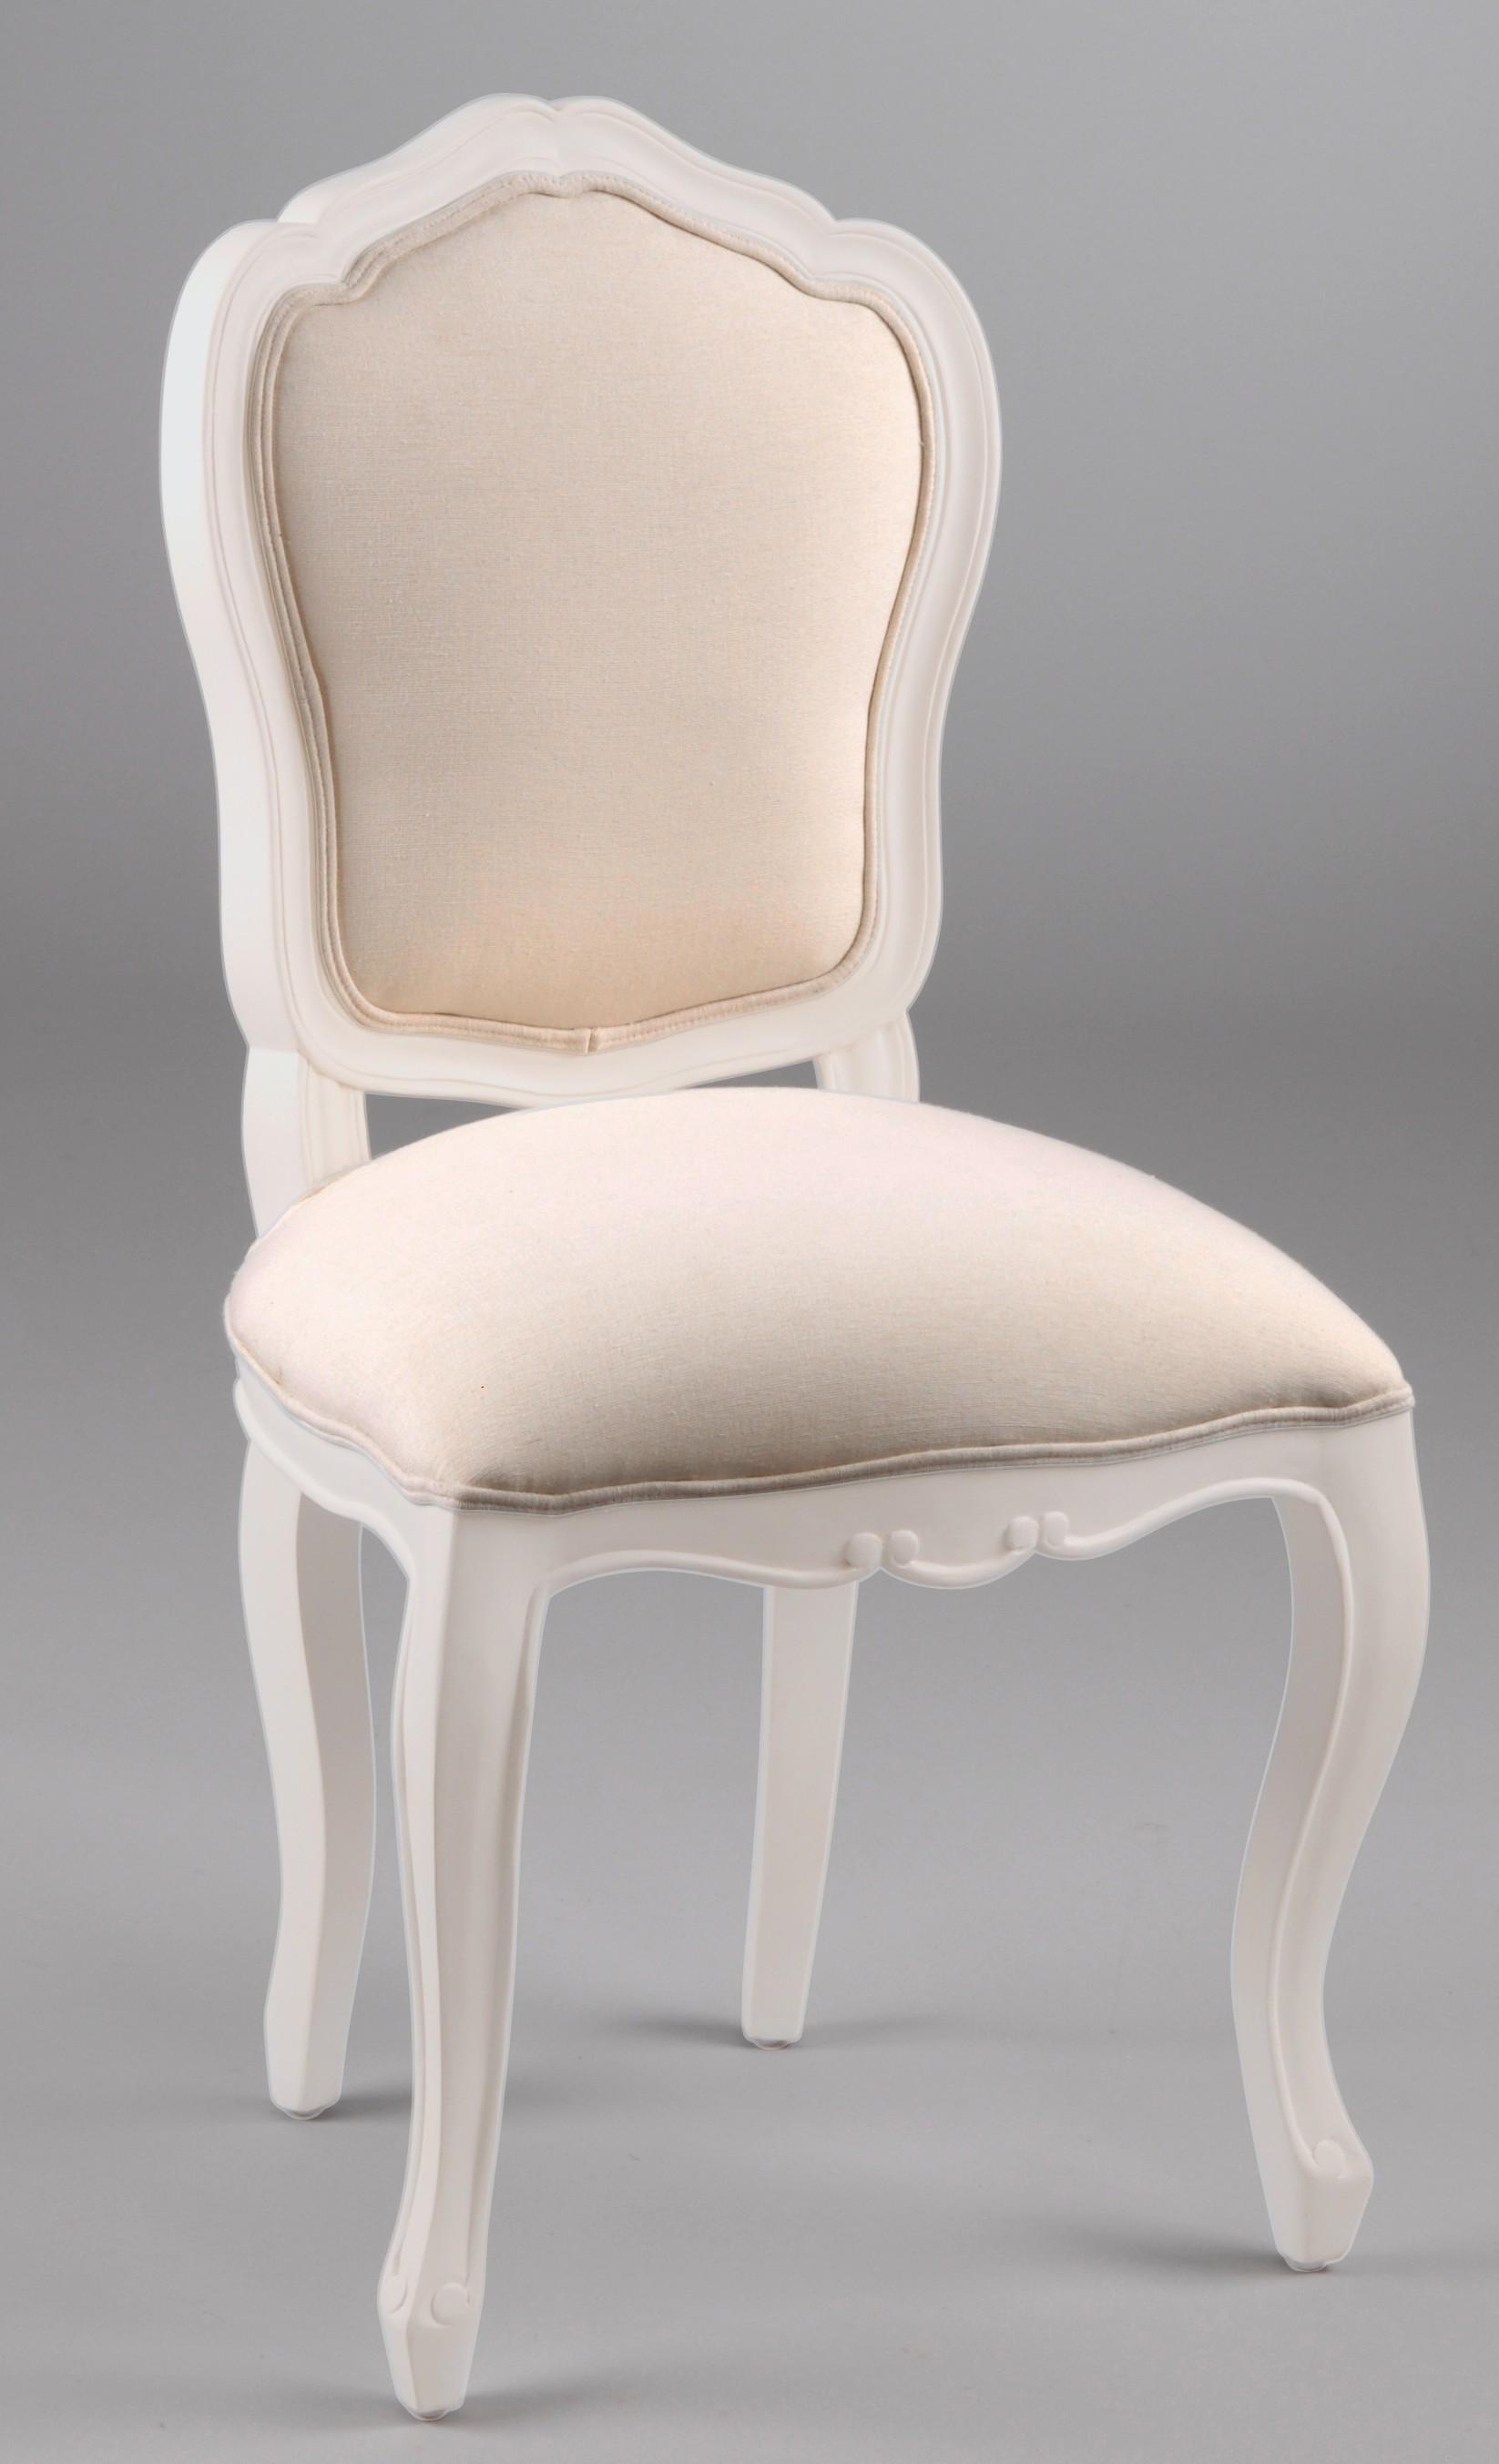 Chaise Louis XV baroque romantique bois blanc et tissu APOLLINE L 8 x P 8  x H 8 AMADEUS